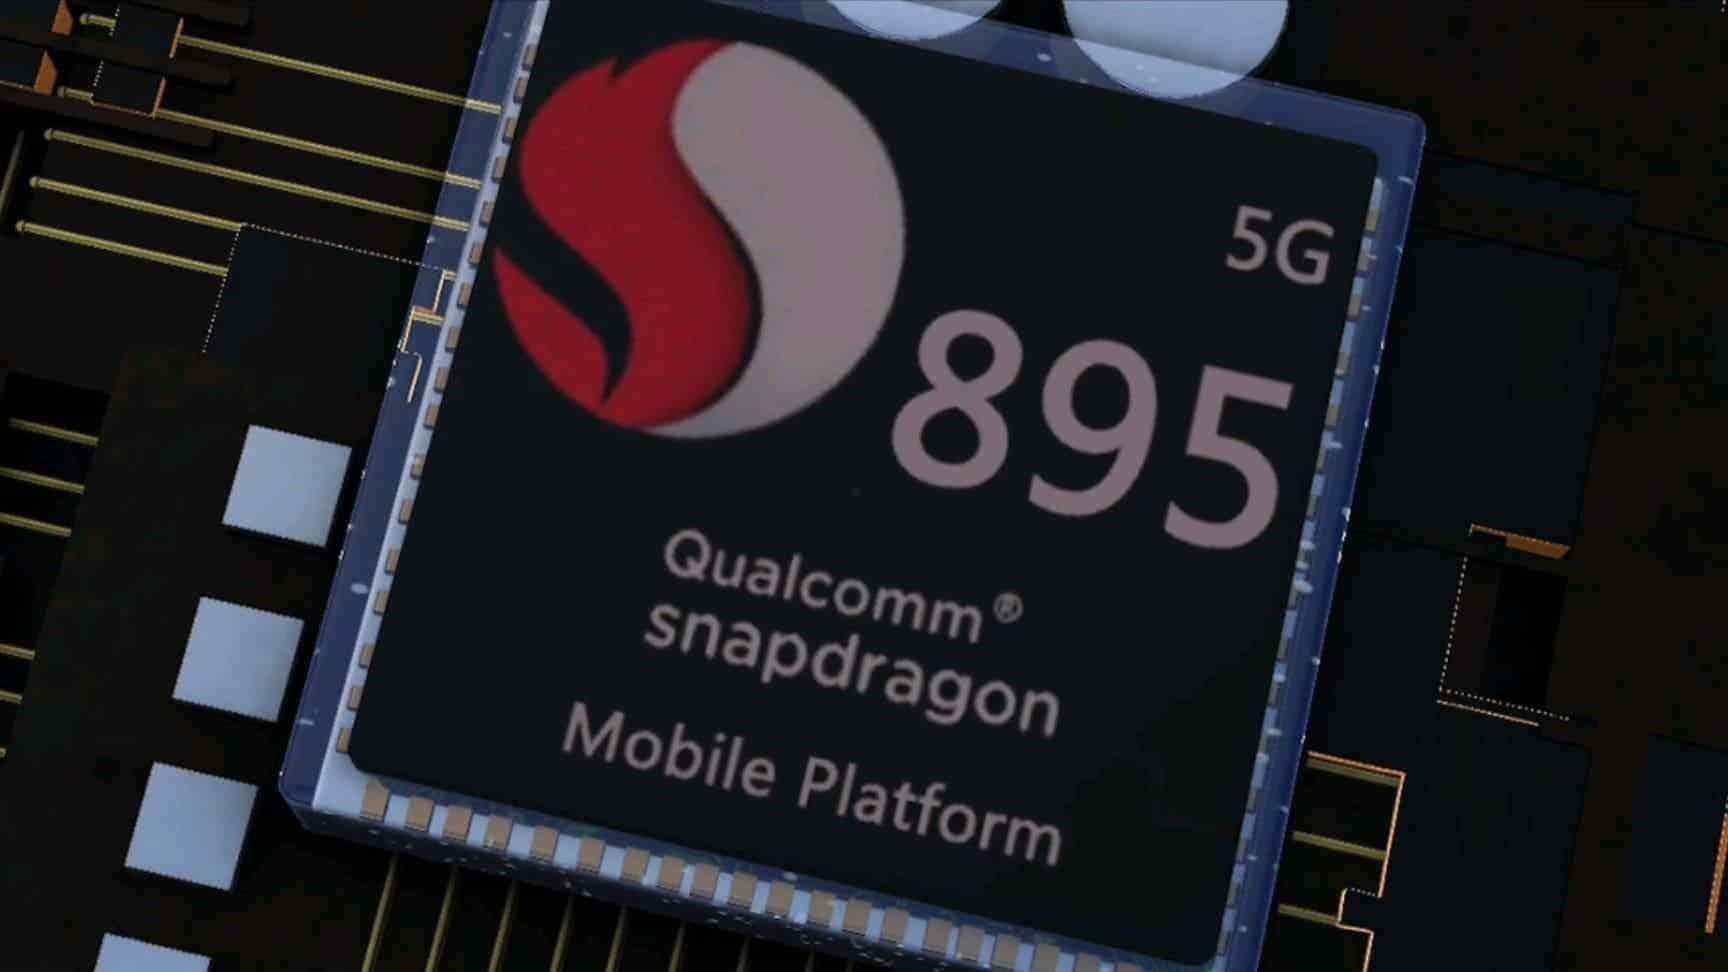 اسنپدراگون ۸۹۸ کوالکام با پردازنده گرافیکی به روز شده قدرتمندی تولید می شود - چیکاو